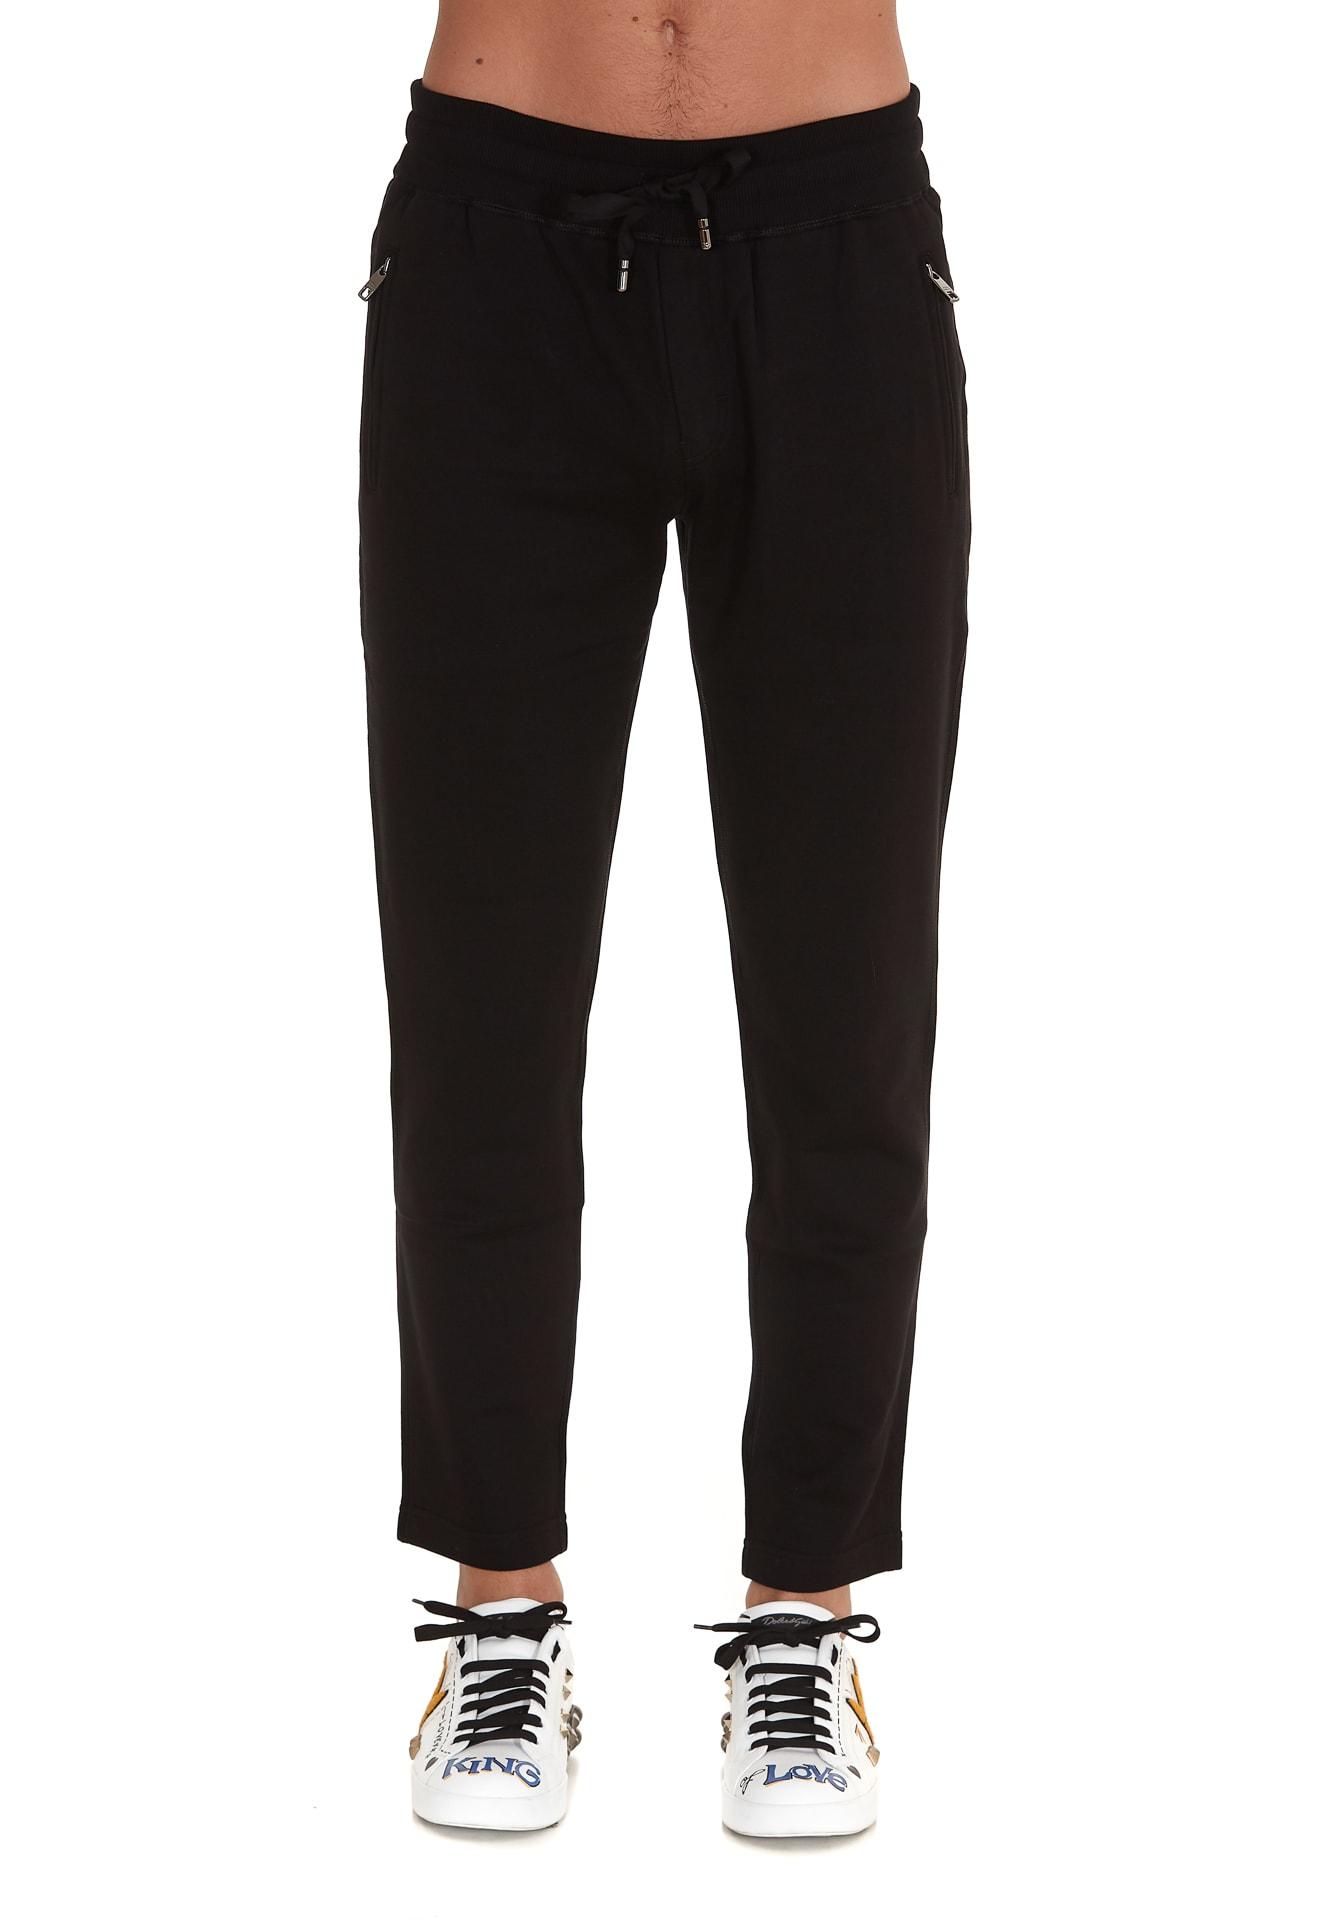 Dolce & Gabbana Pants In Black